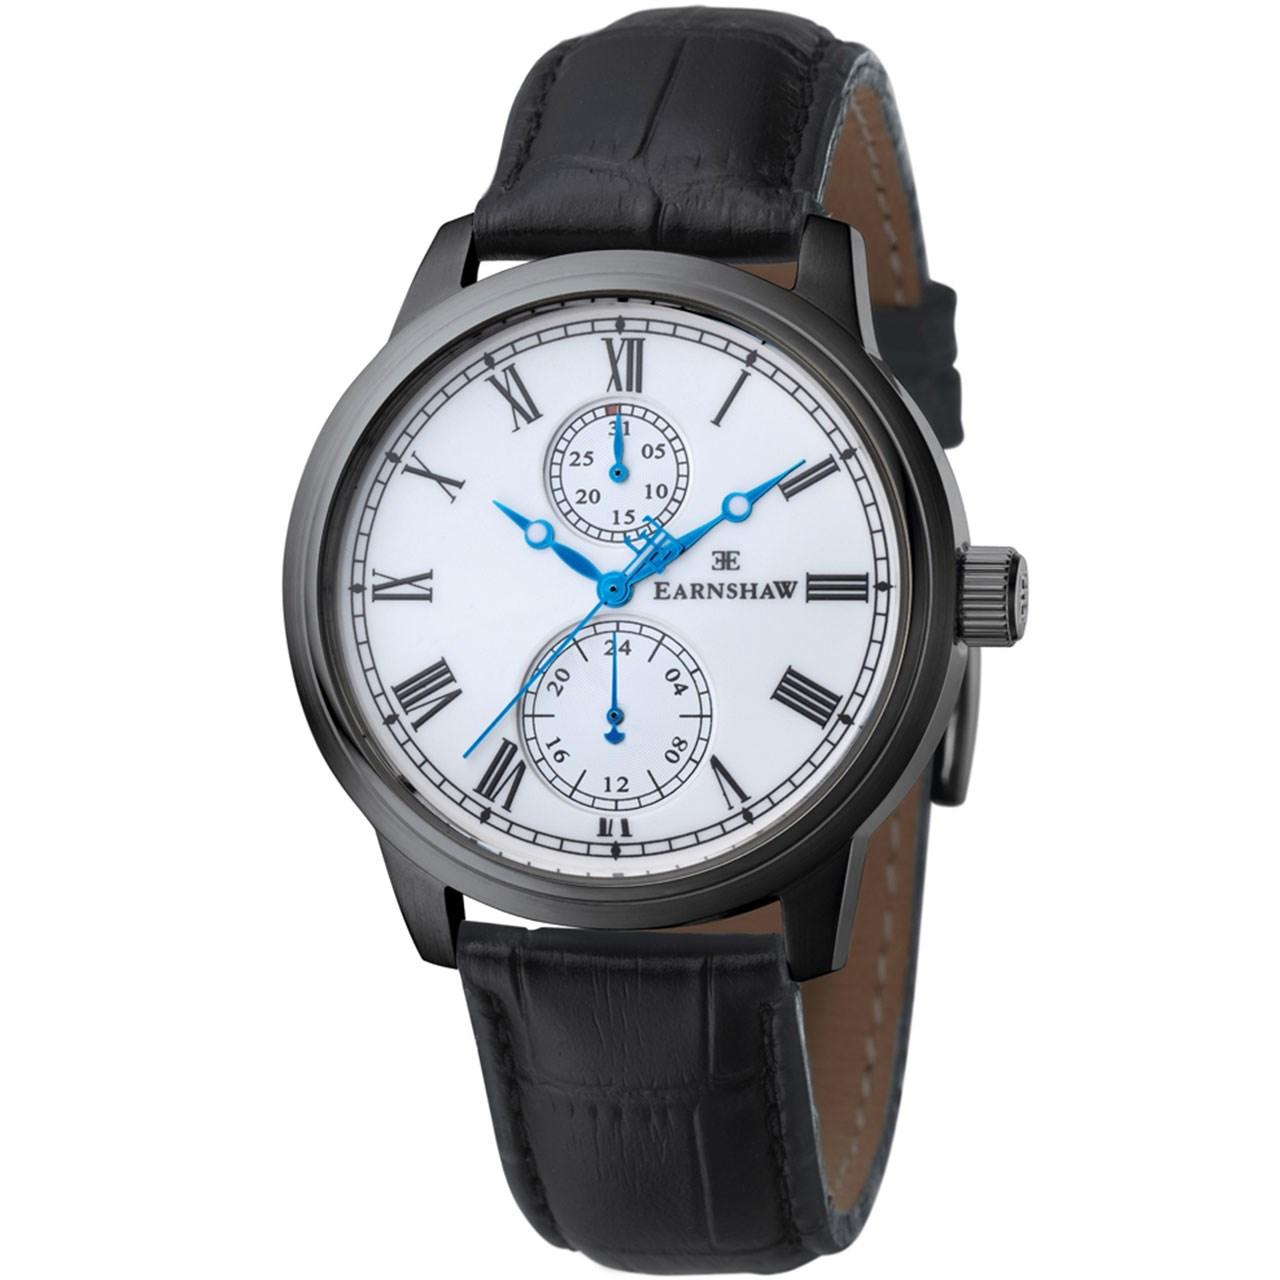 ساعت مچی عقربه ای مردانه ارنشا مدل ES-8002-03 36